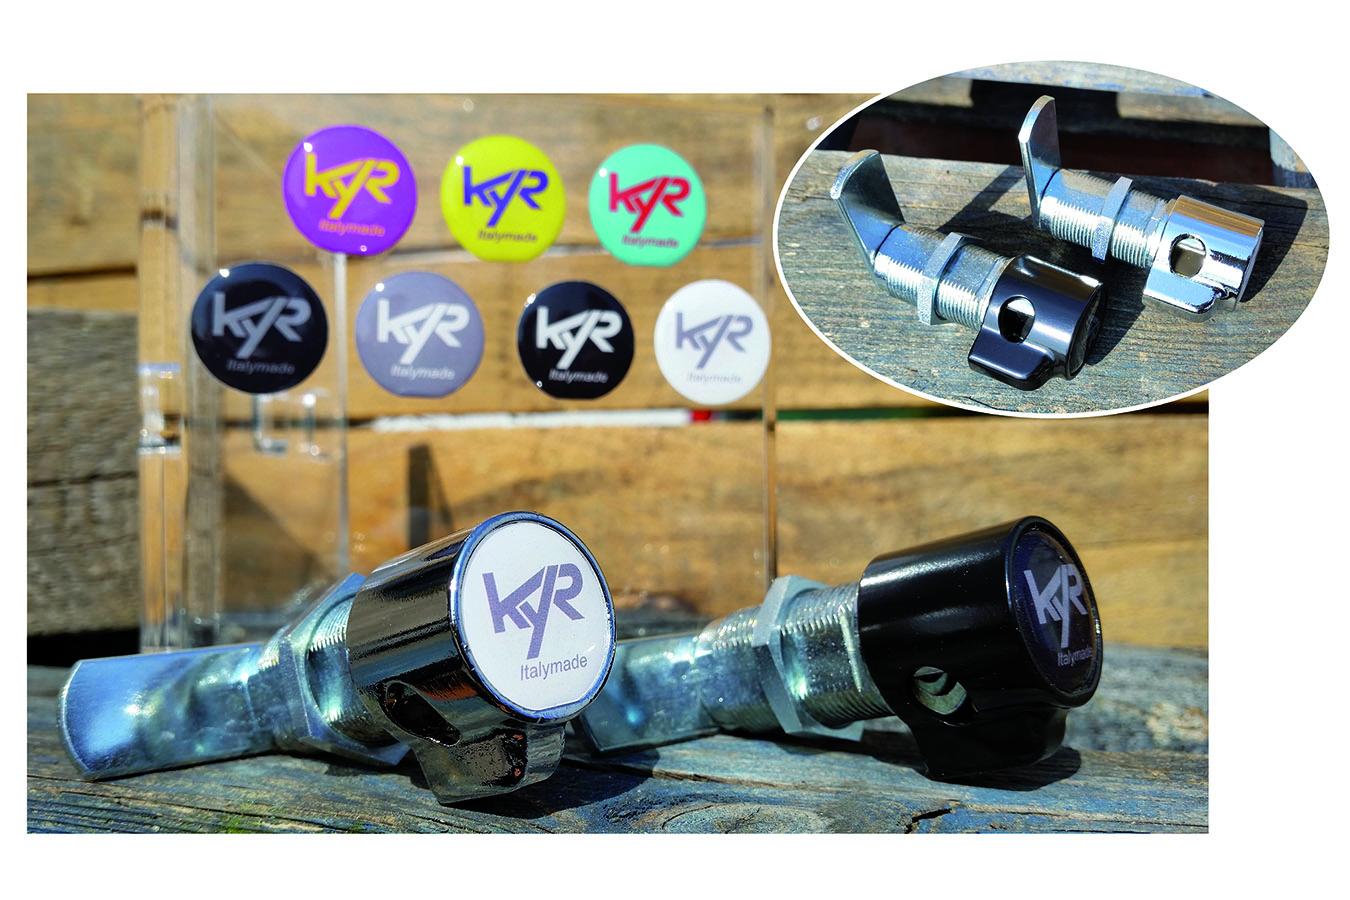 KYR 22 serratura lucchettabile